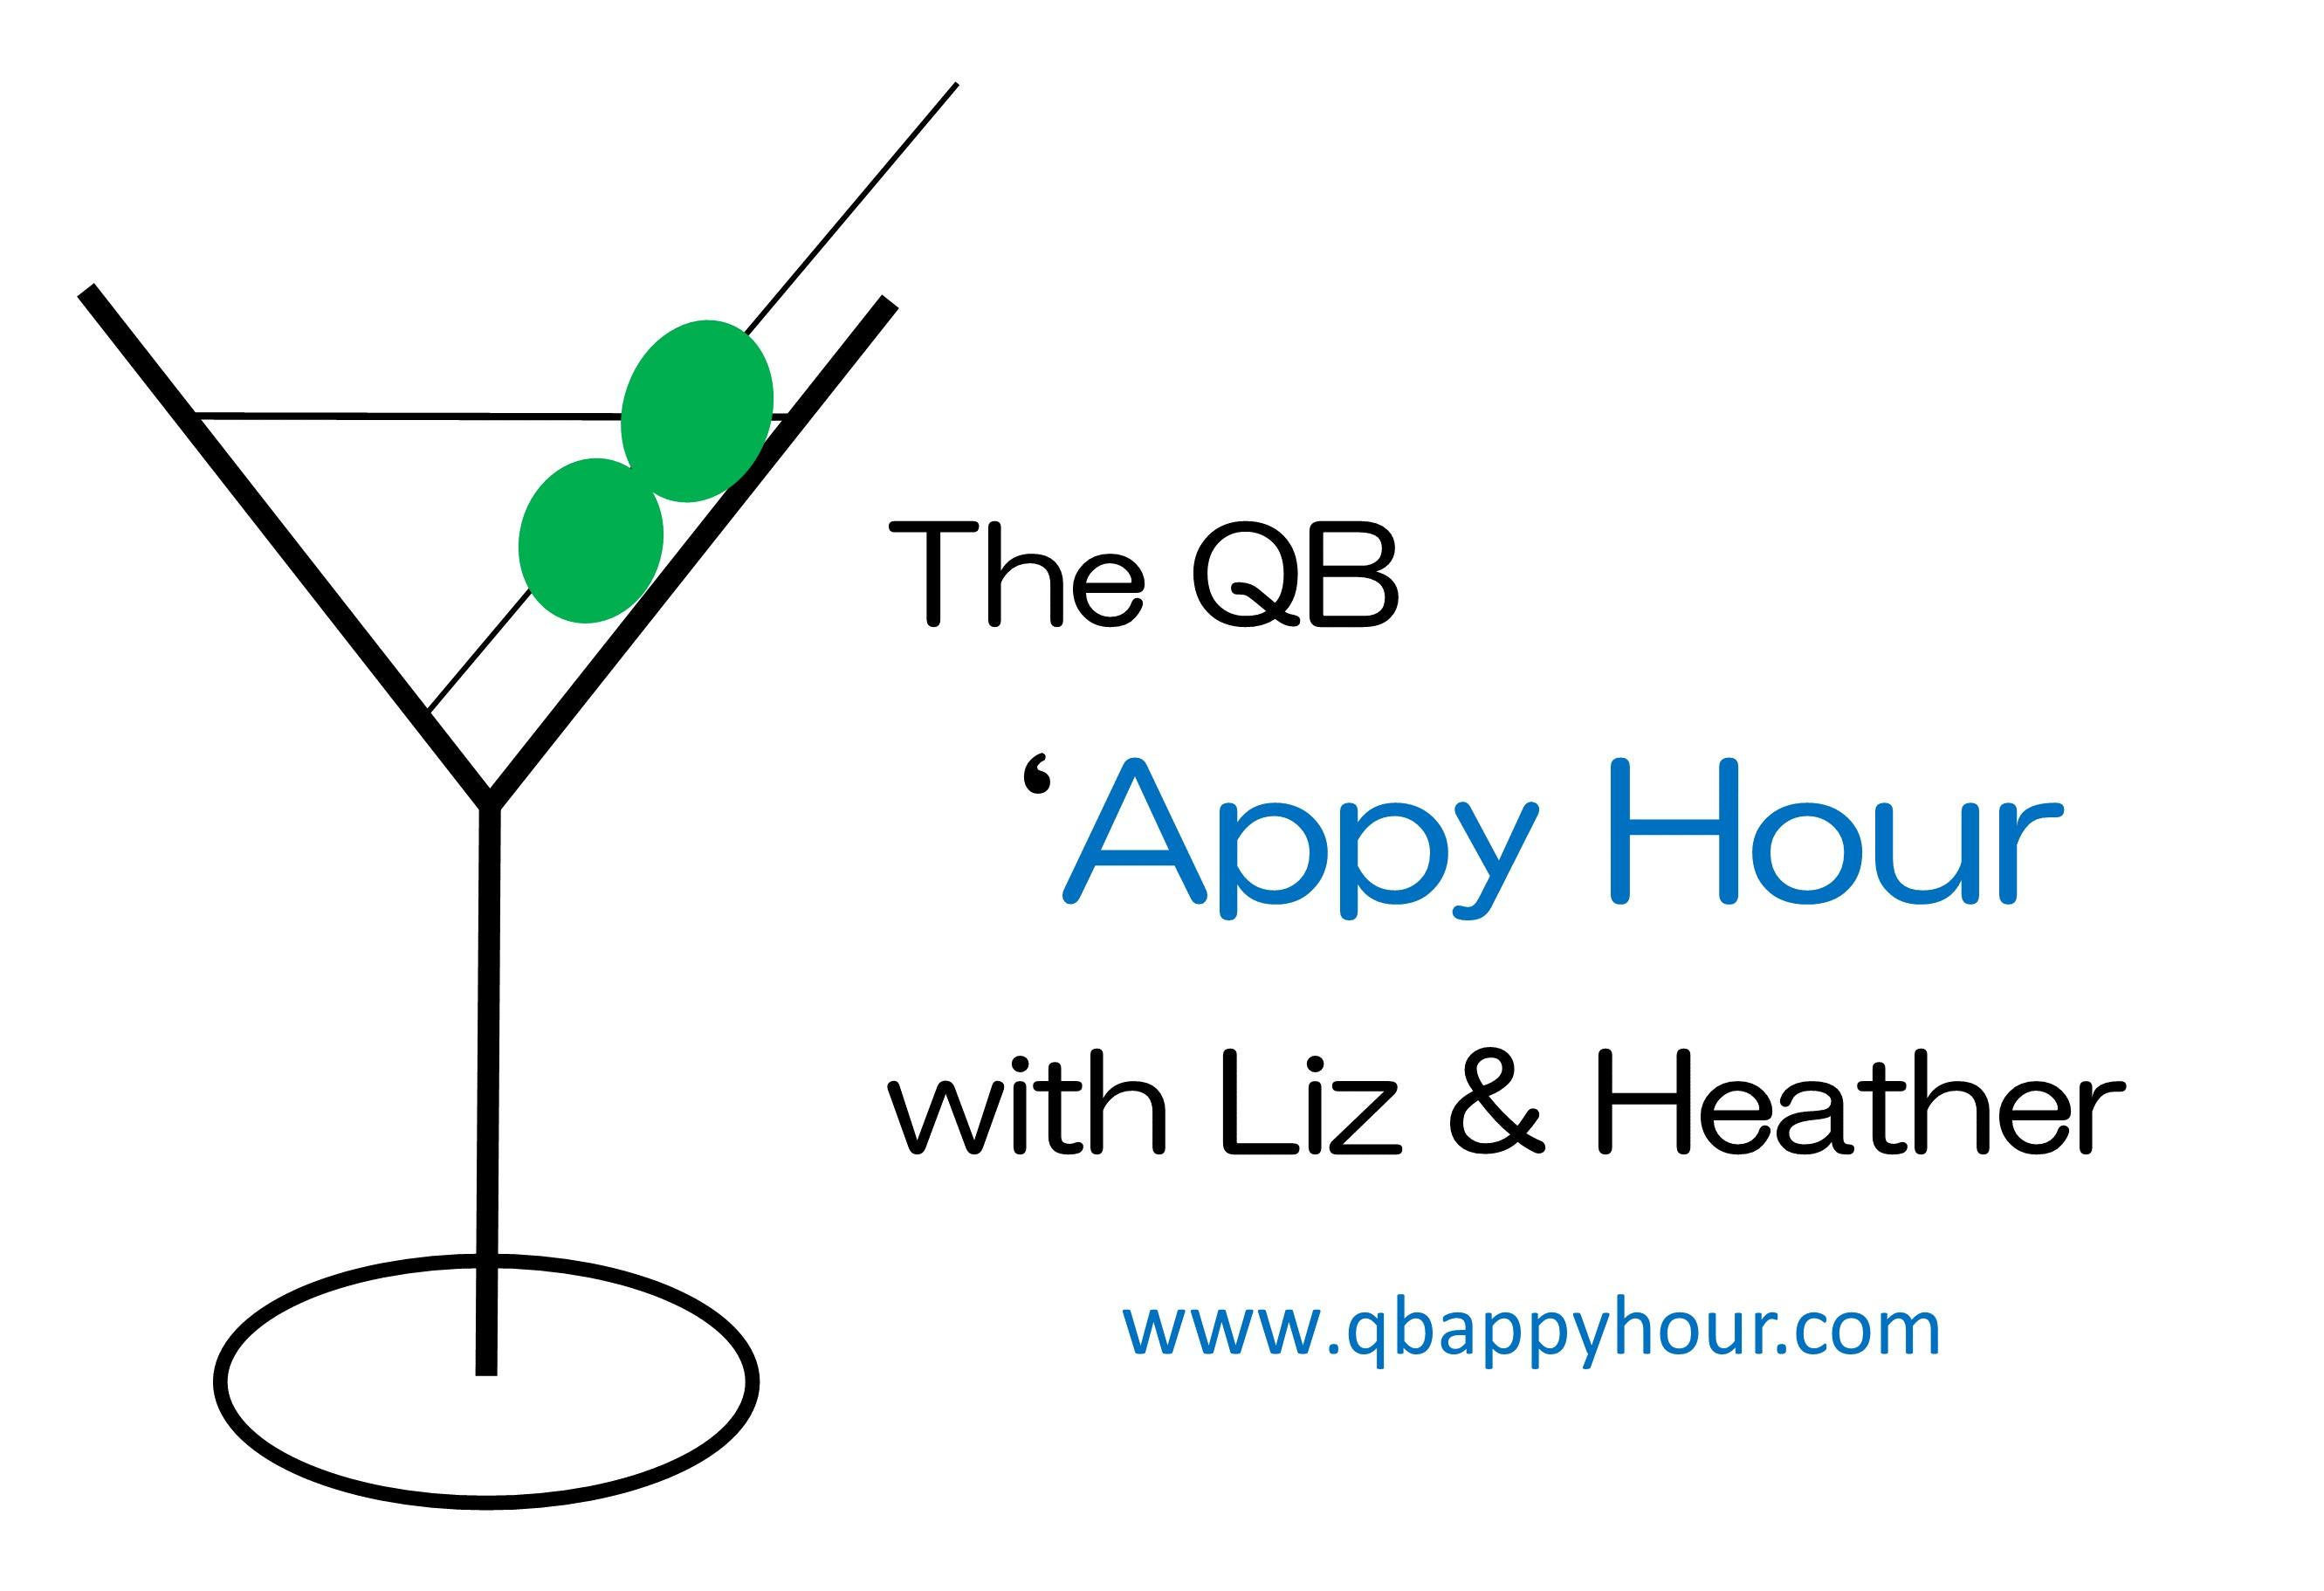 The QB 'Appy Hour with Liz & Heather